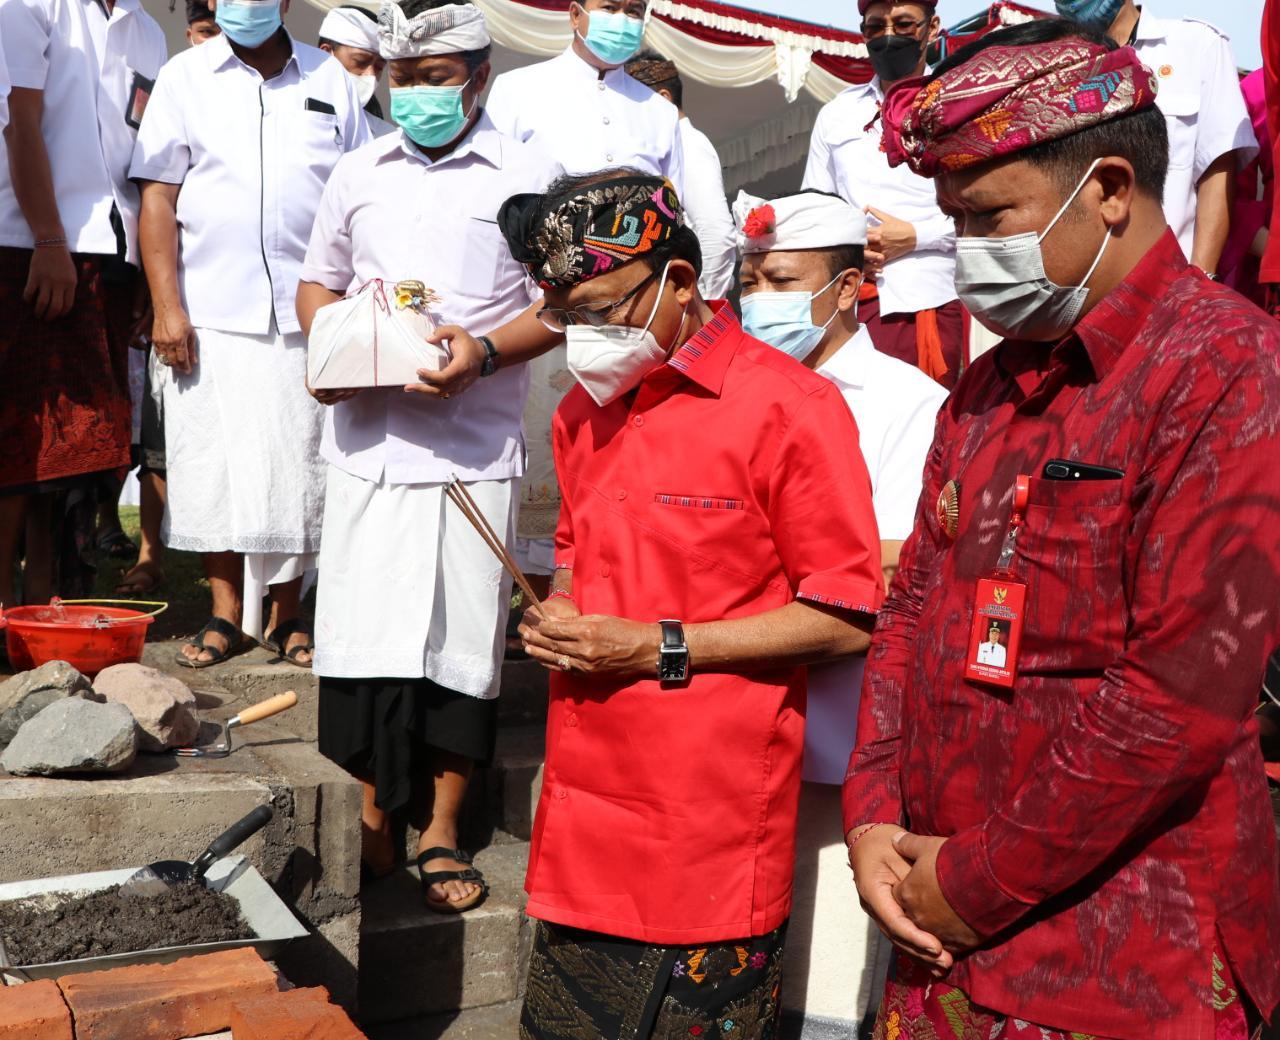 Gubernur Bali, Wayan Koster pimpin upacara peletakan batu pertama pembangunan alun-alun Kota Bangli